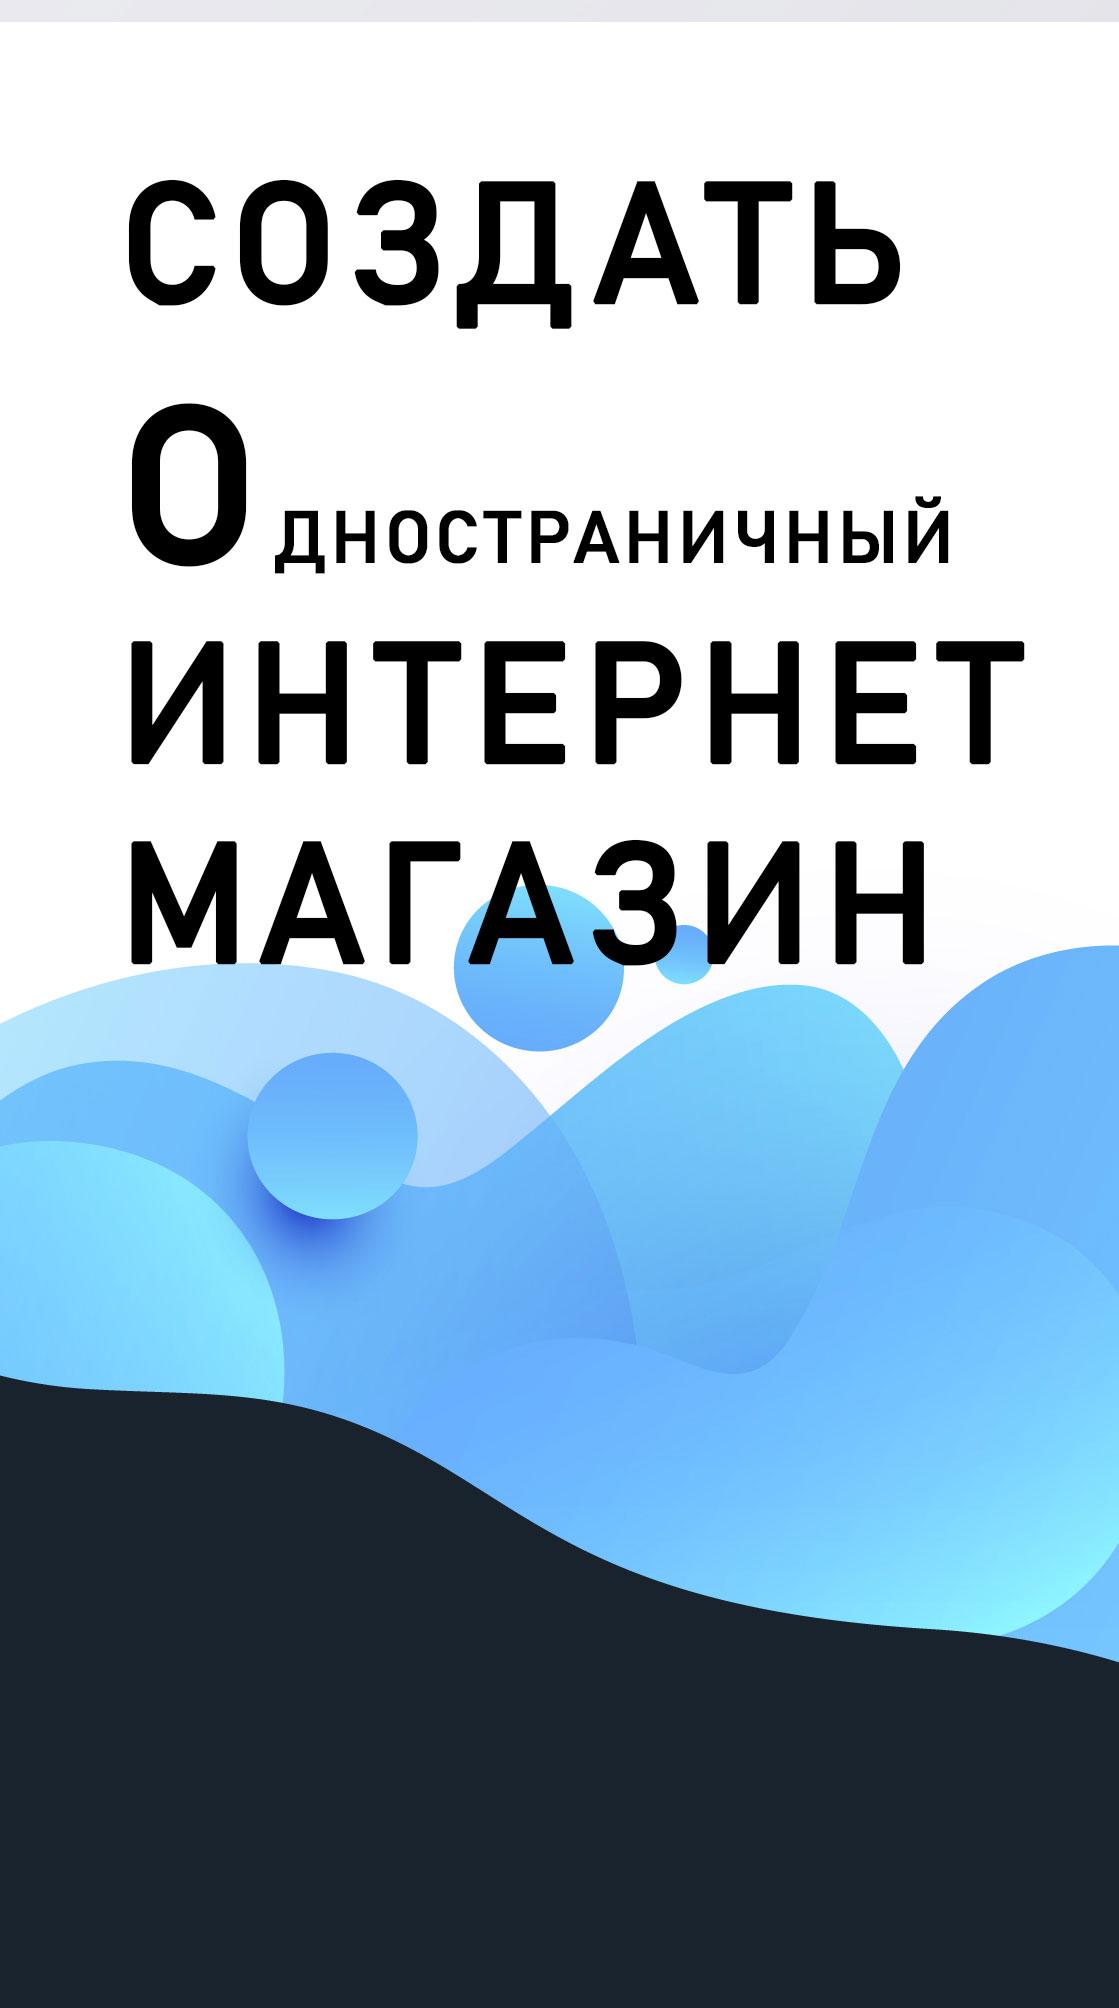 Создать-сайт-одностраничный-интернет-магазин